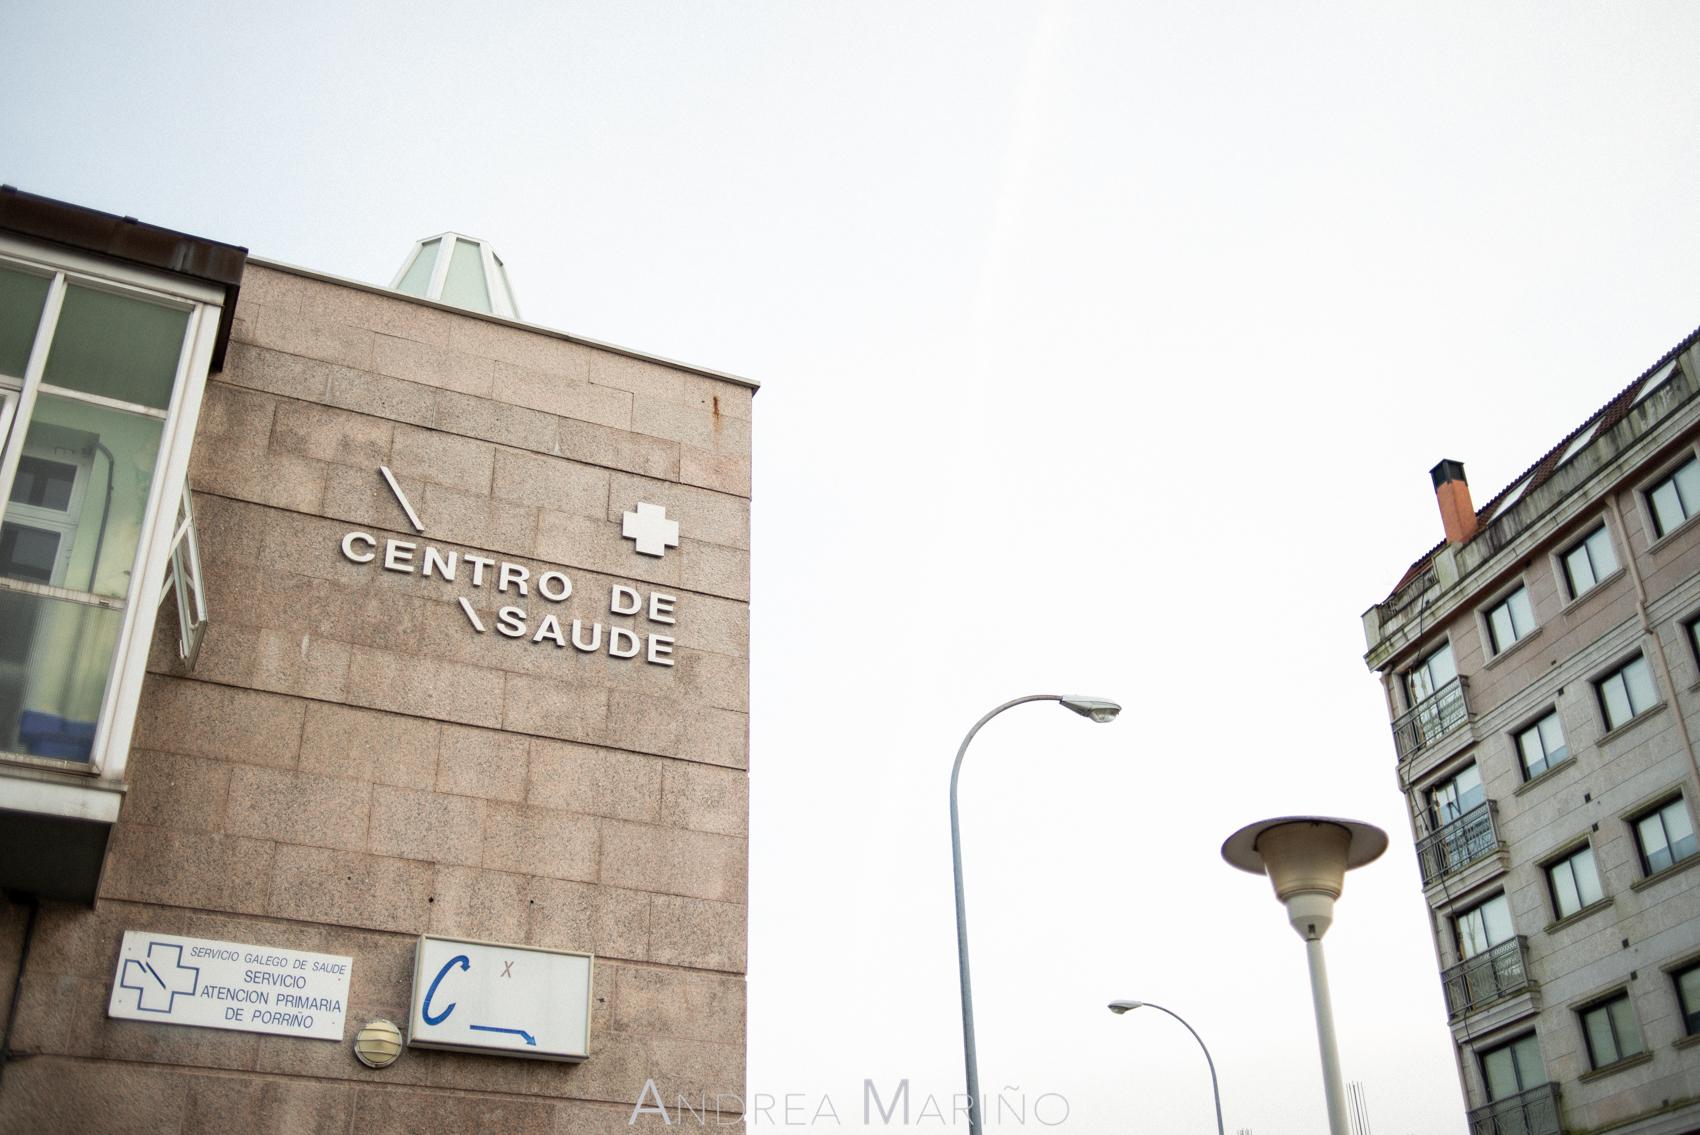 Centro de saúde de O Porriño